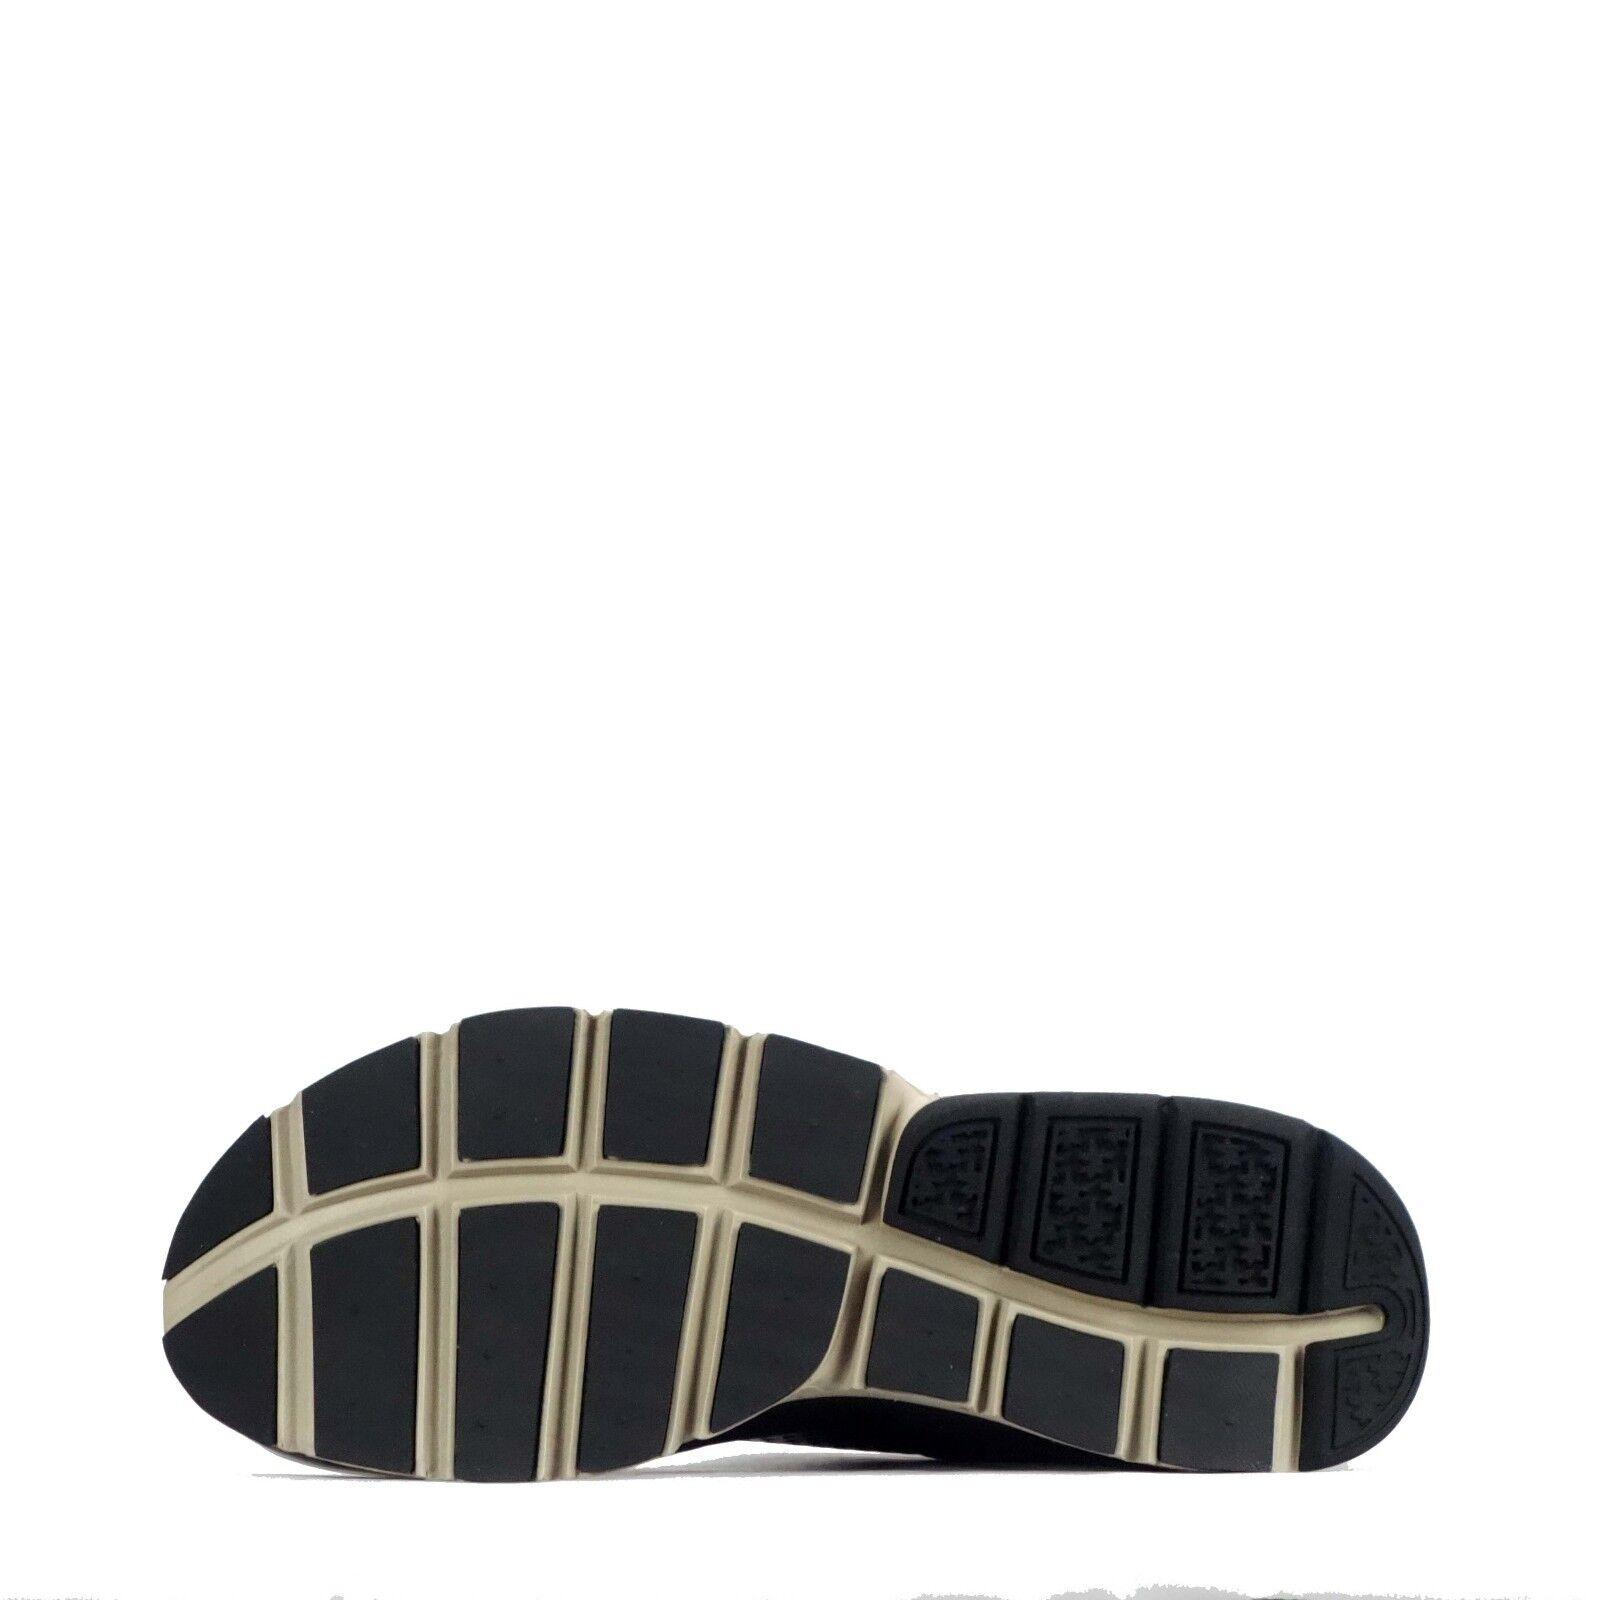 Nike Sock Dart homme Gym Walking Casual fonctionnement   fonctionnement chaussures  in Cargo Khaki/noir 41ce1d